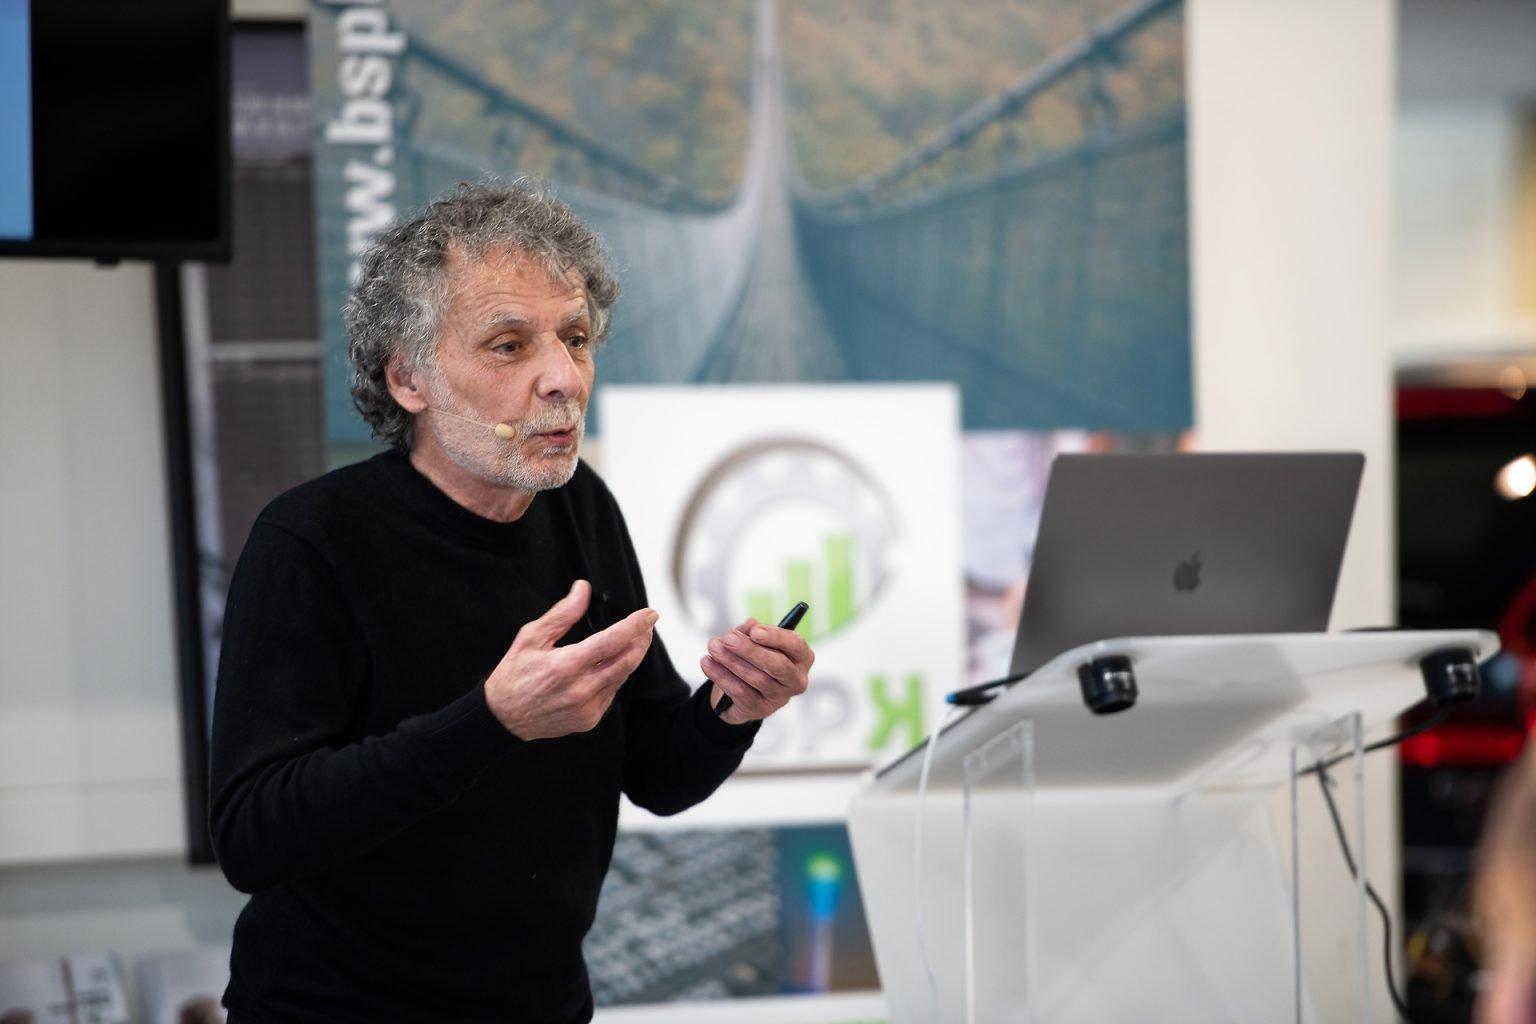 Conférence de William Piccione, Rancontres du manager BSPK, par Aurore Delsoir photographie